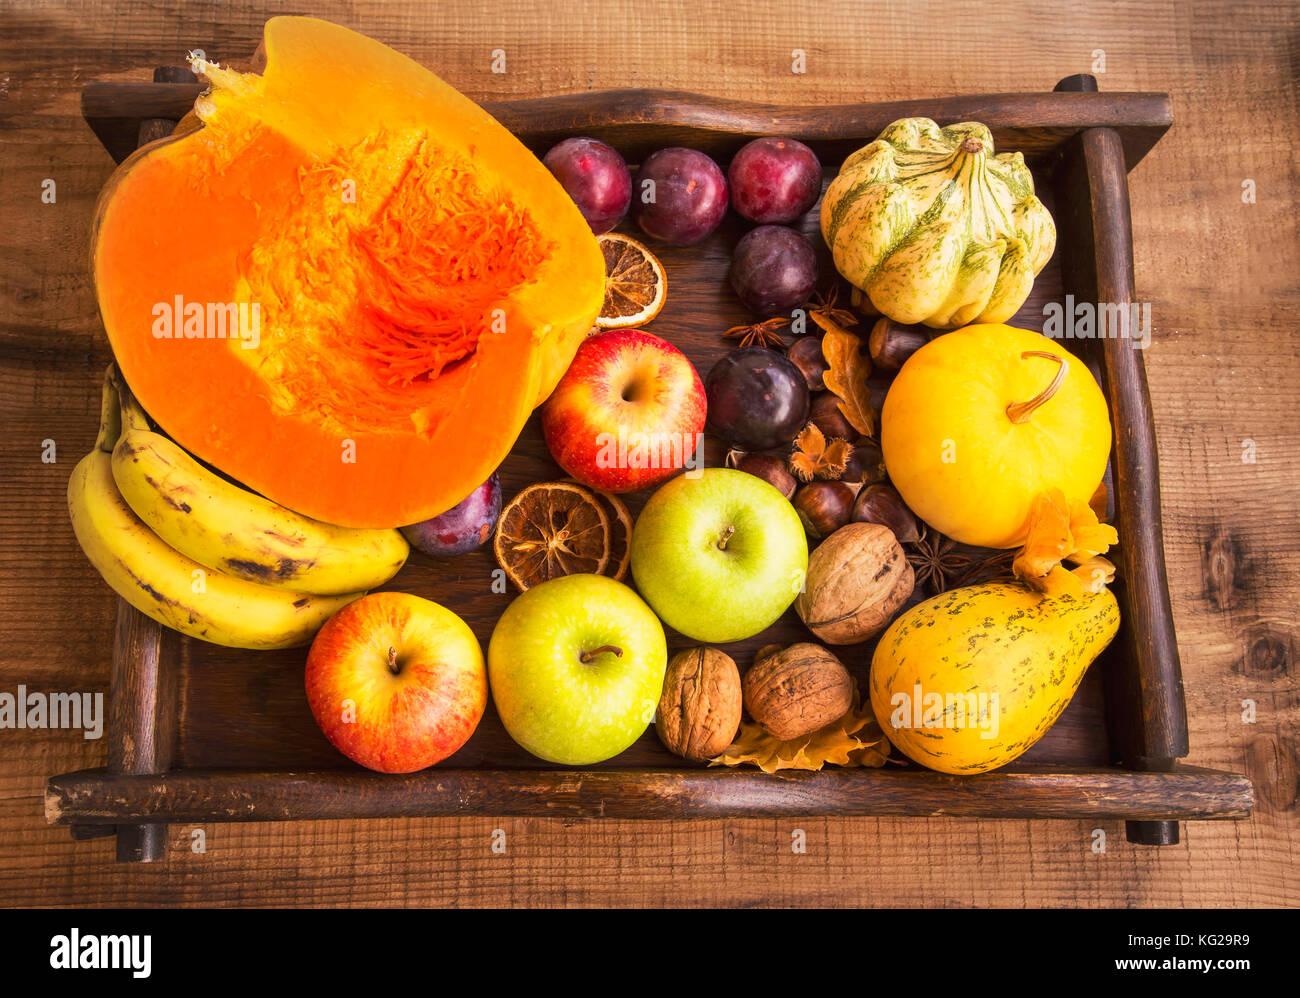 Herbst Obst Und Gemuse Ernten Auf Holz Fach Blick Von Oben Auf Die